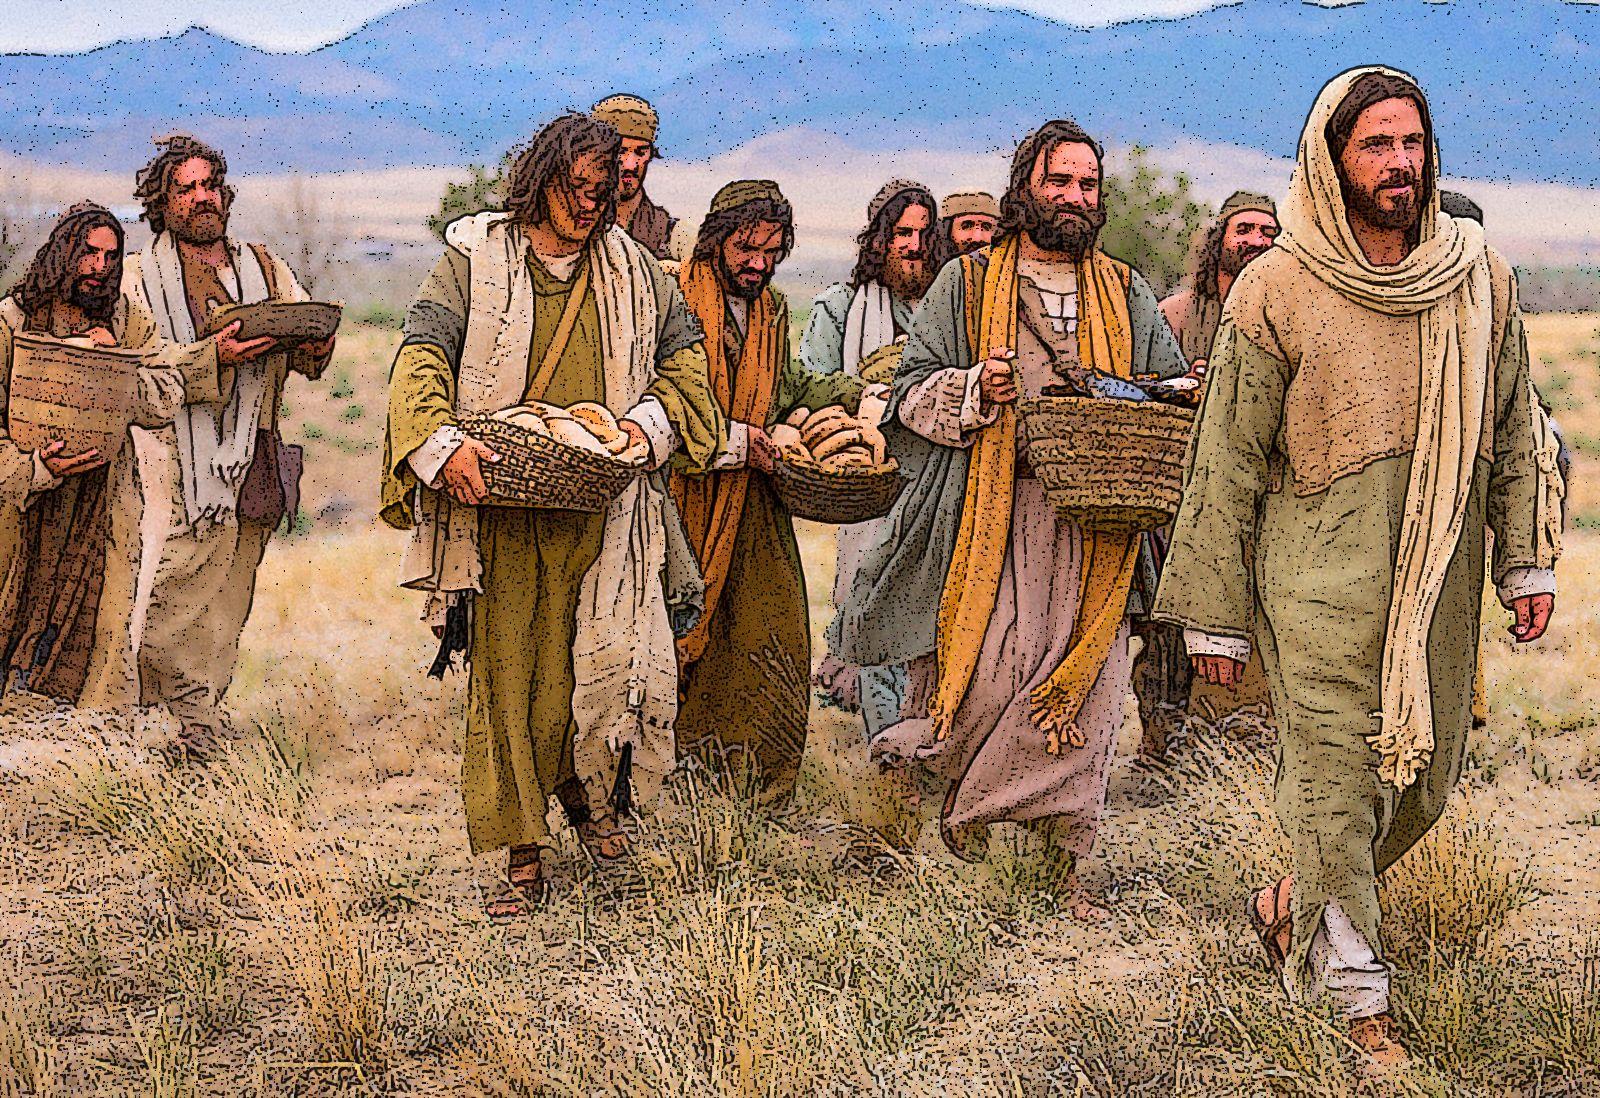 ¿Qué tuvieron de Especial los Milagros de Curación que hizo Jesús?